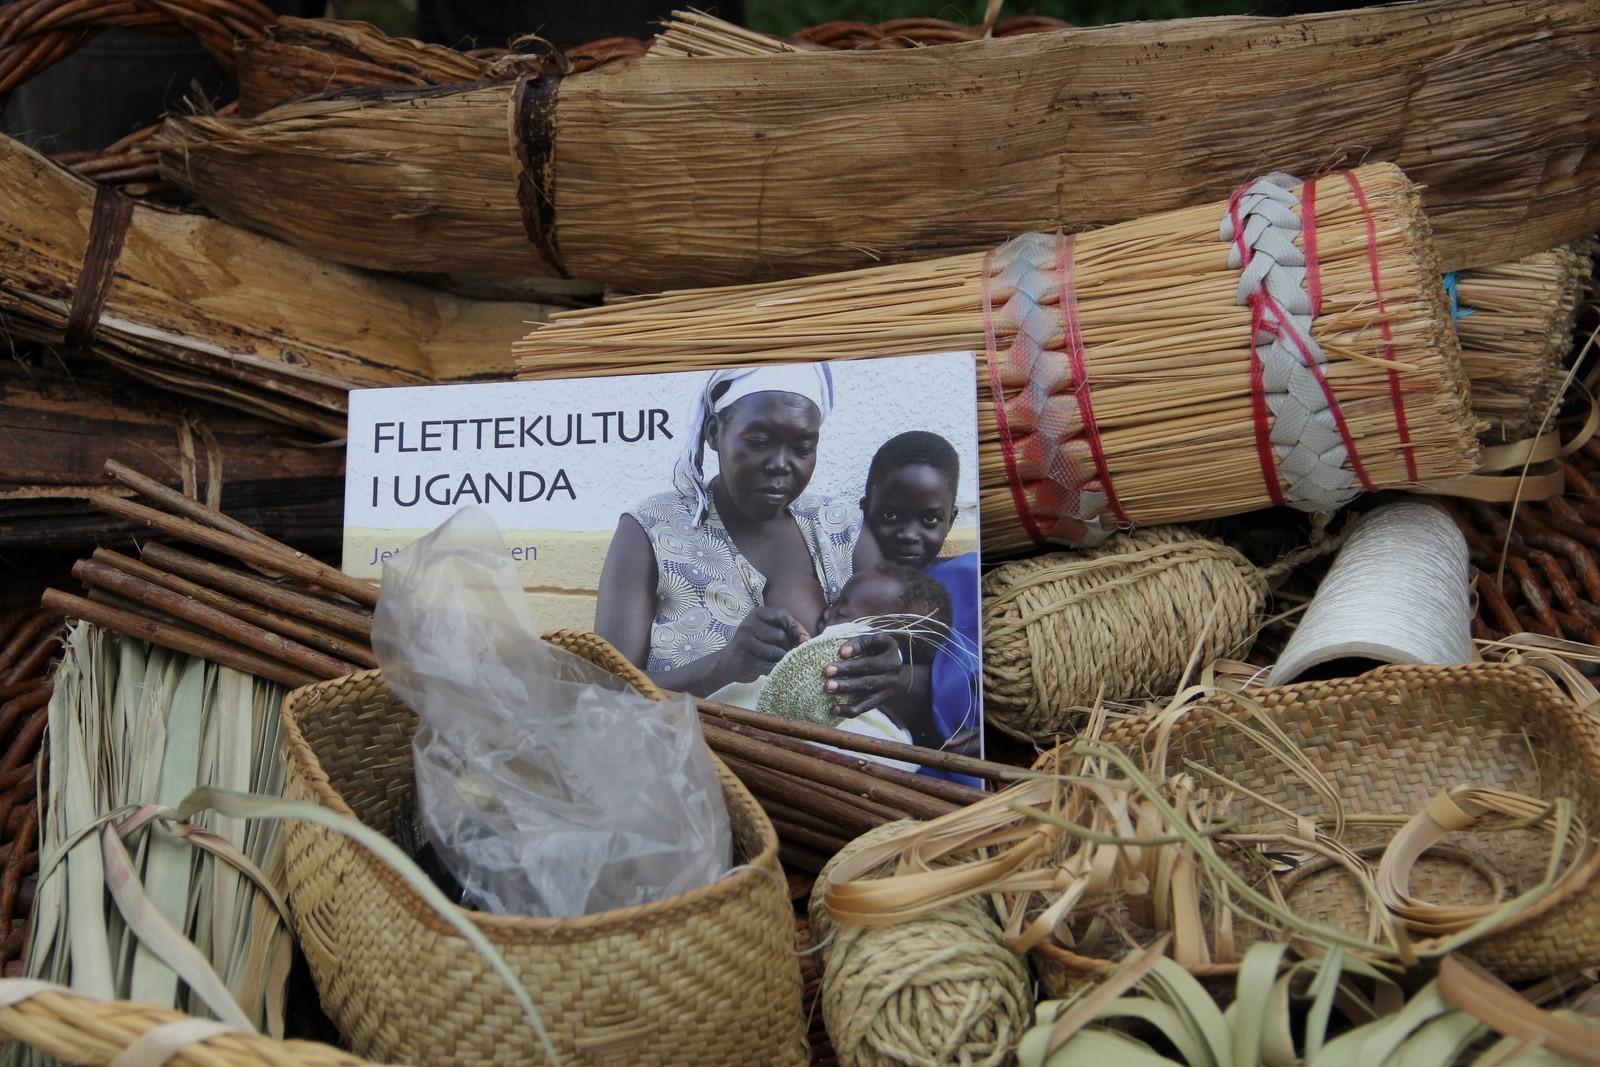 le nouveau livre de Jette Mellegren -vannerie ougandaise-